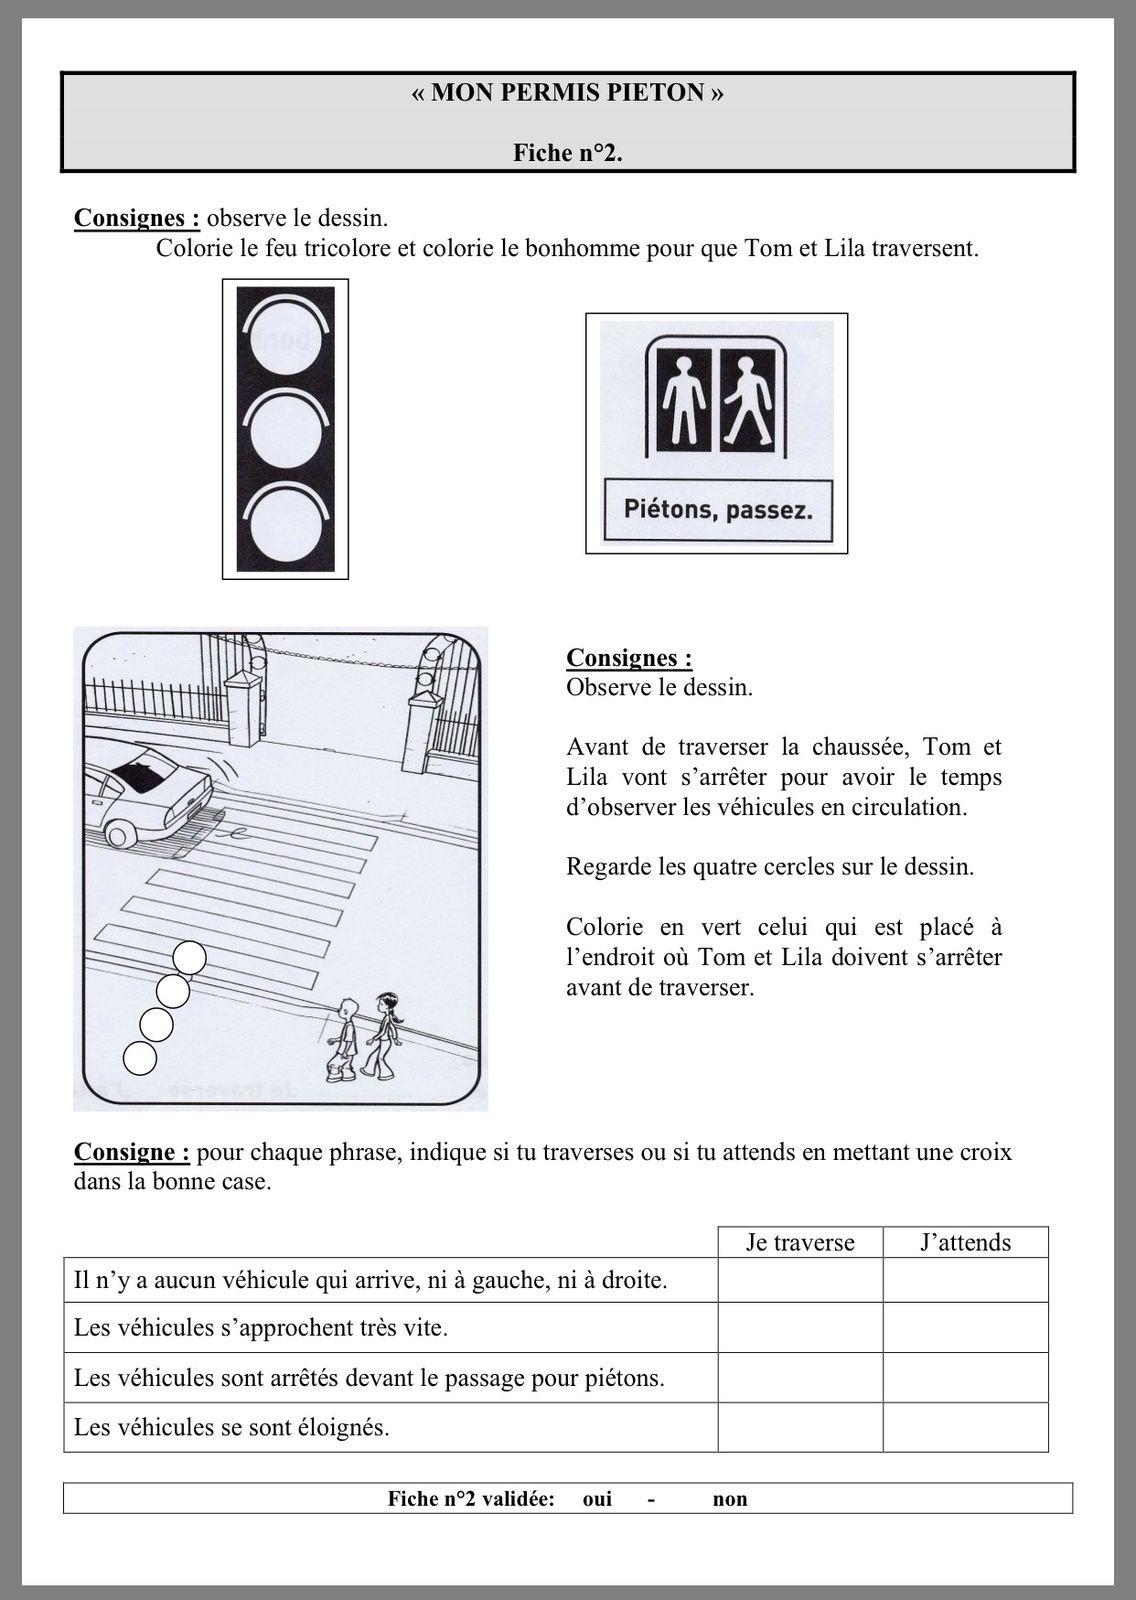 mon permis pi ton fiches ce1 s curit pinterest mon permis permis et ce1. Black Bedroom Furniture Sets. Home Design Ideas